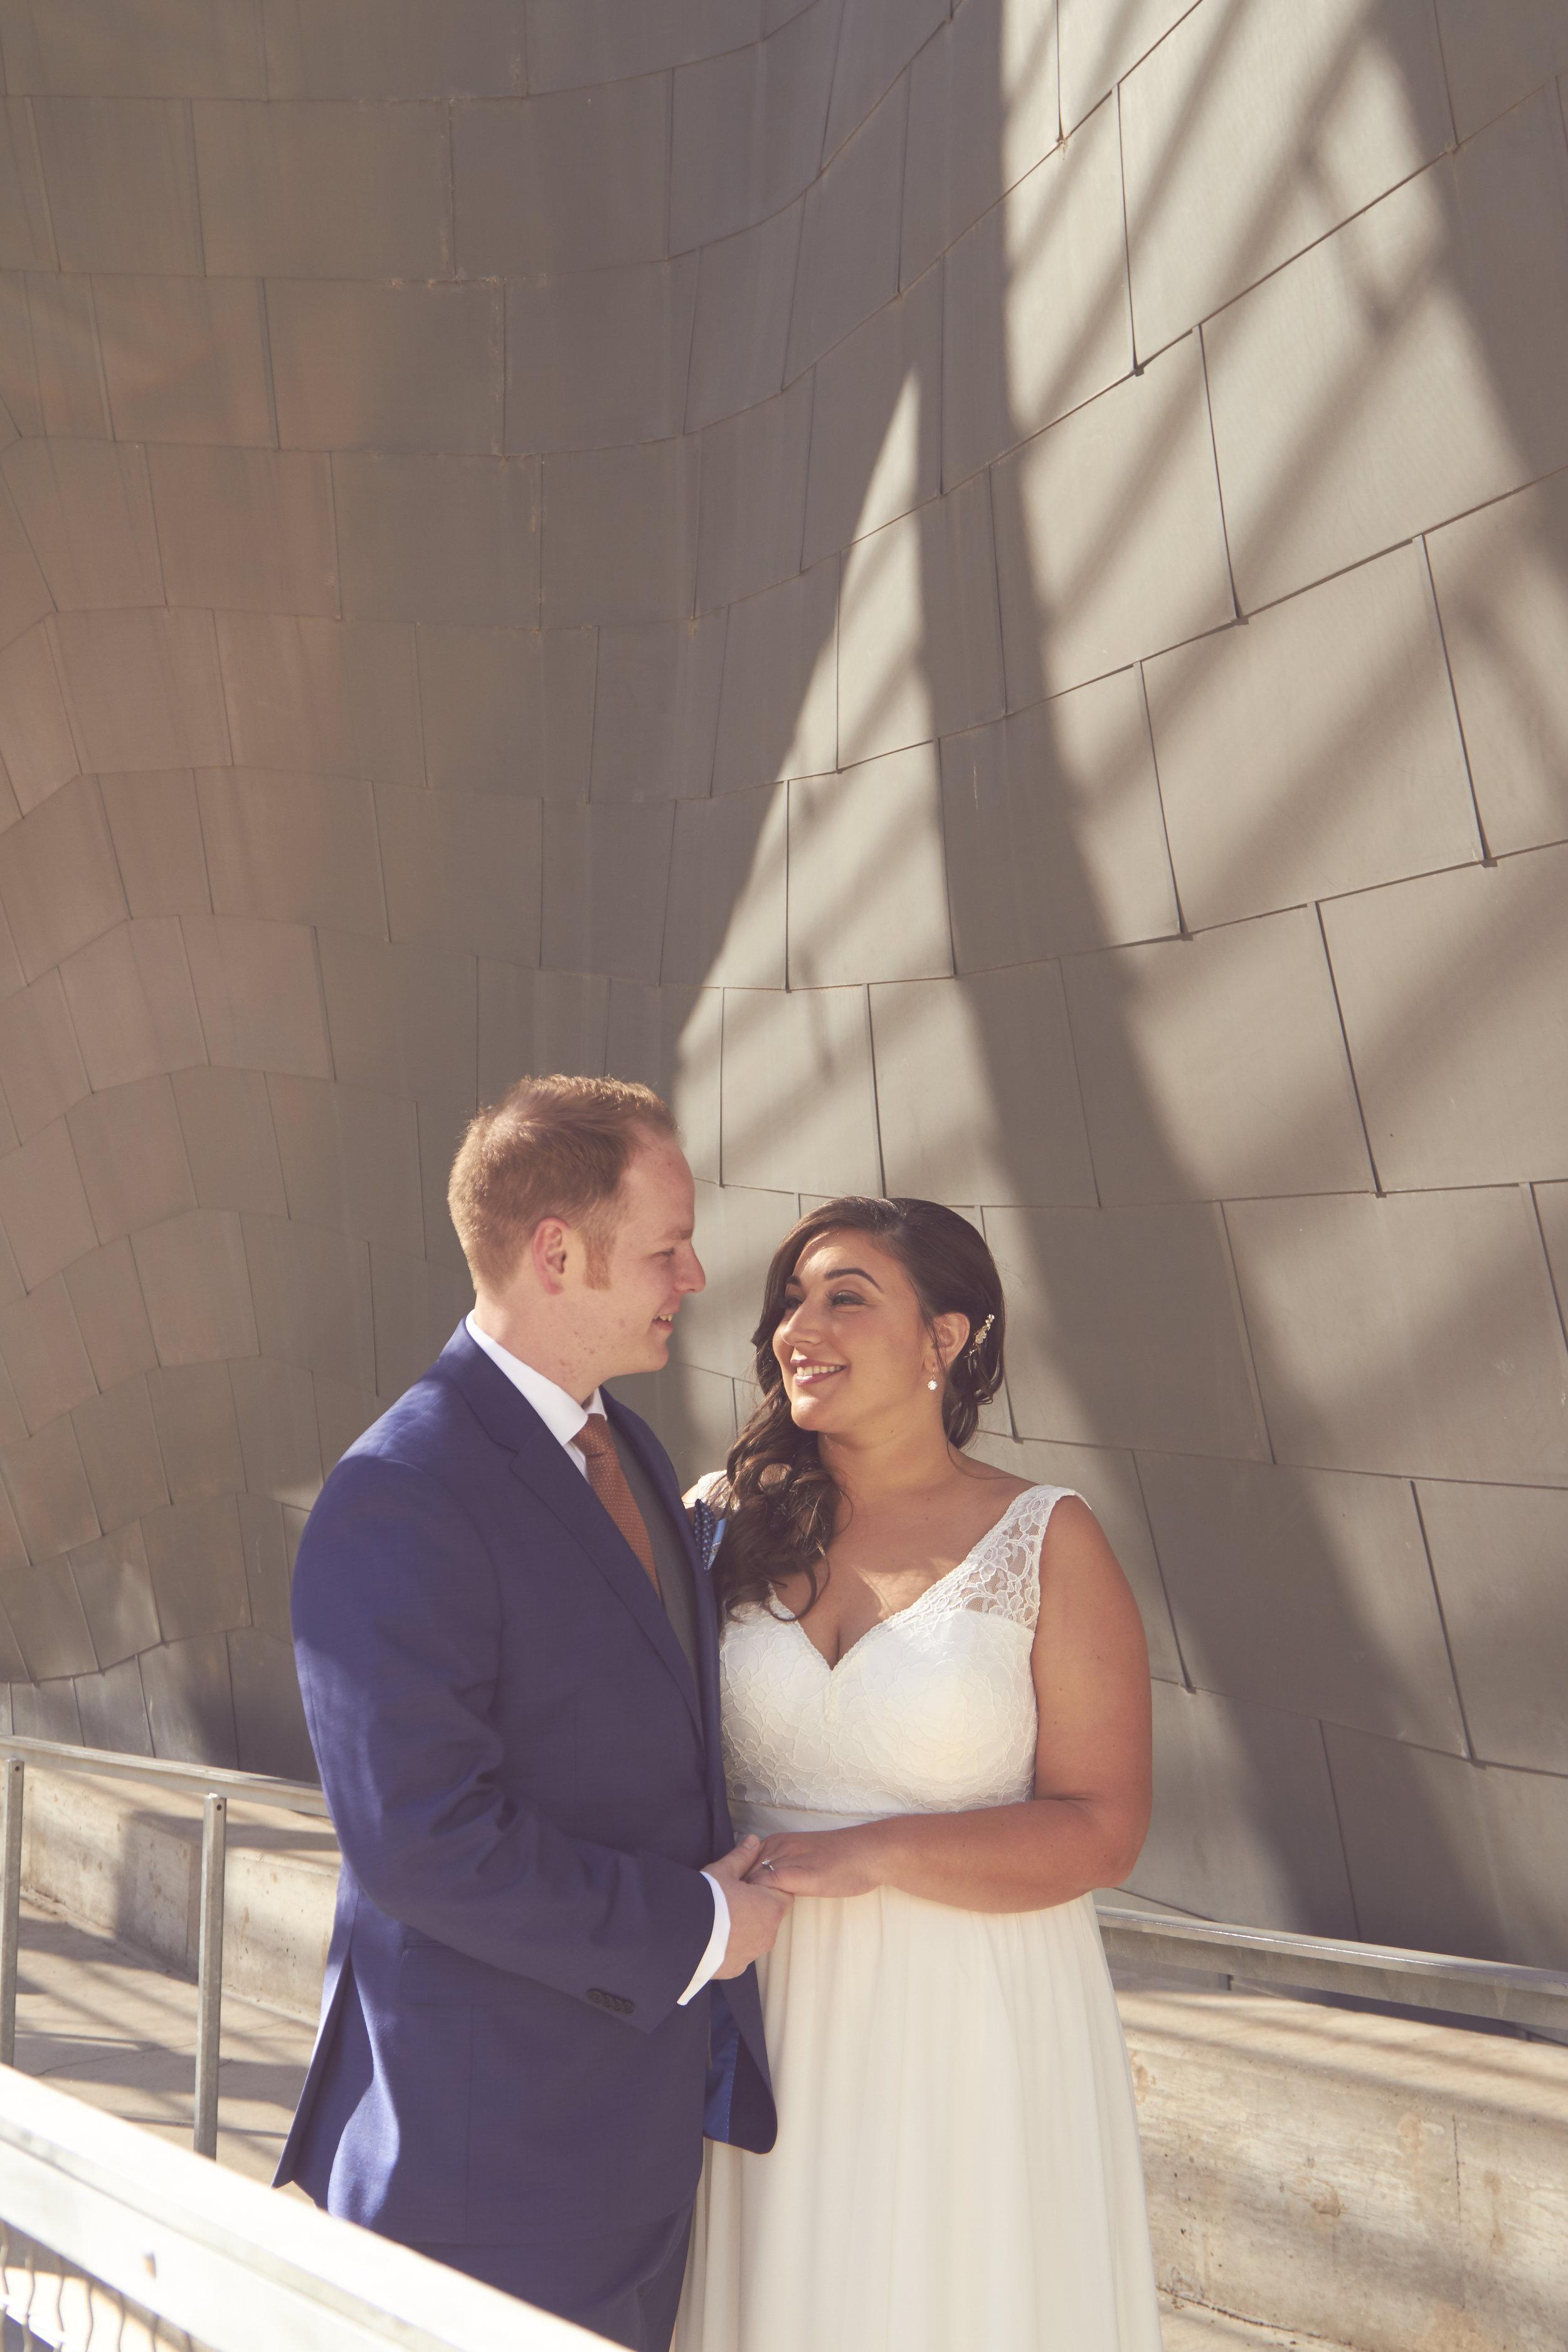 Schafer Wedding -  brphoto - IMG_2802.jpg